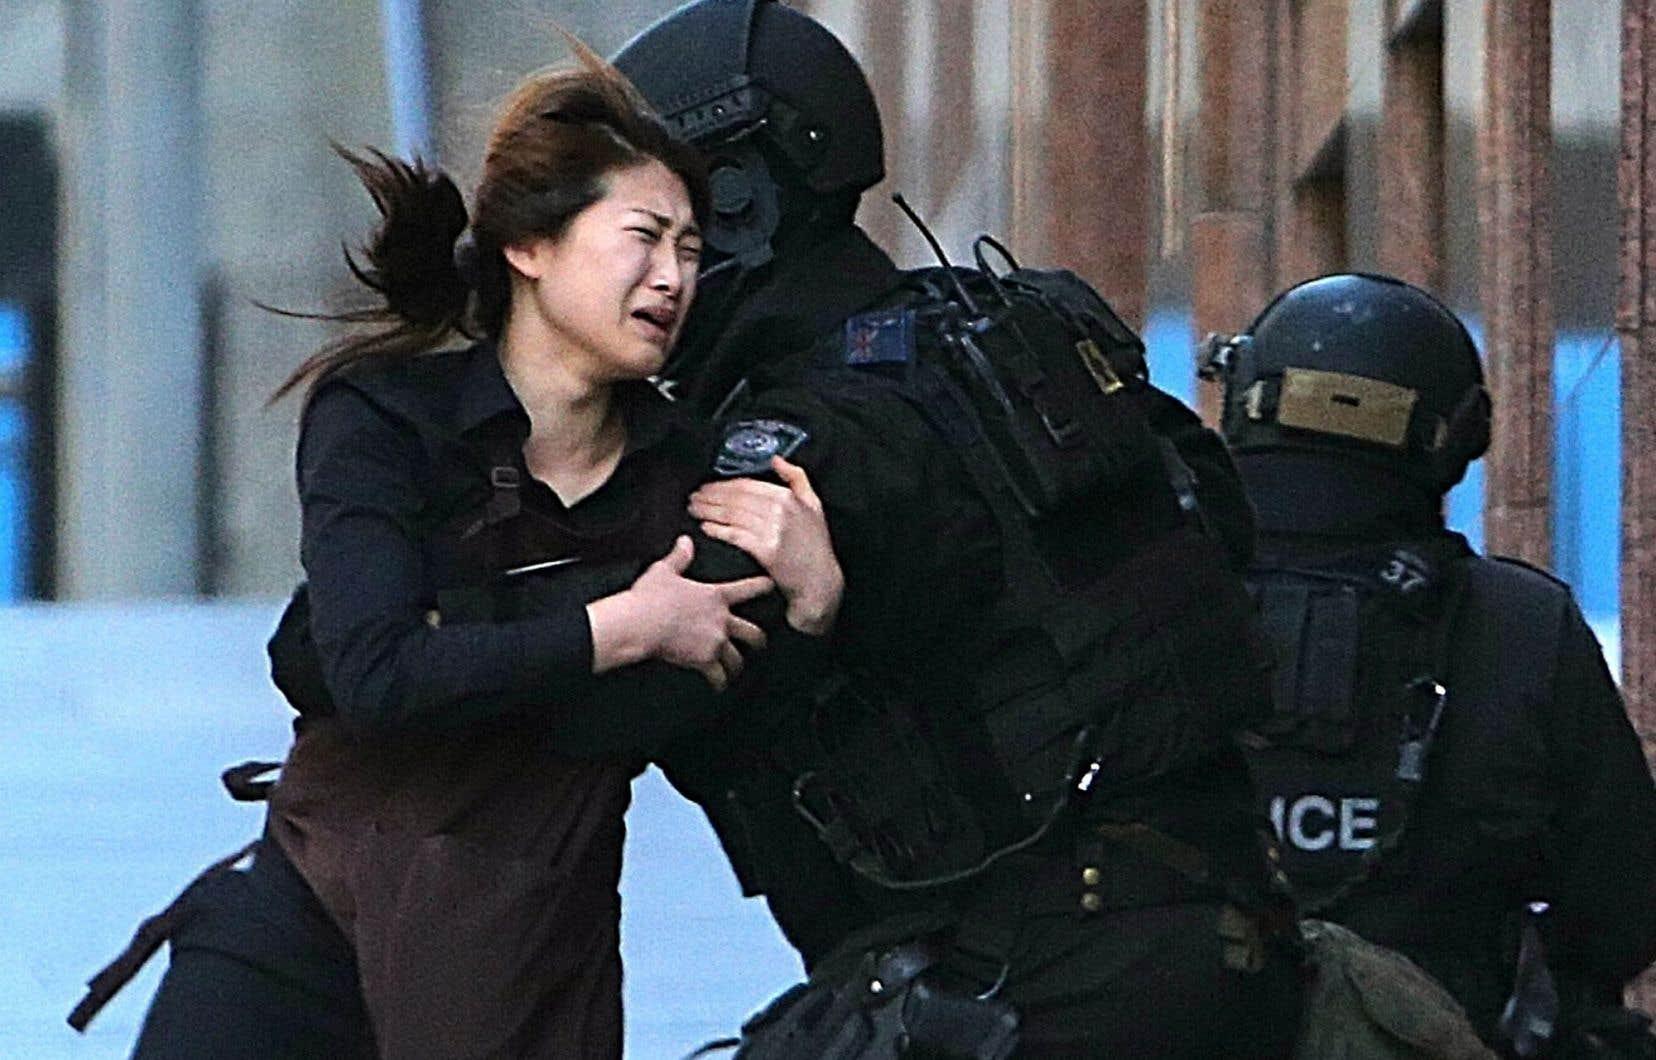 Une otage qui a réussi à s'enfuir se réfugie auprès des policiers.